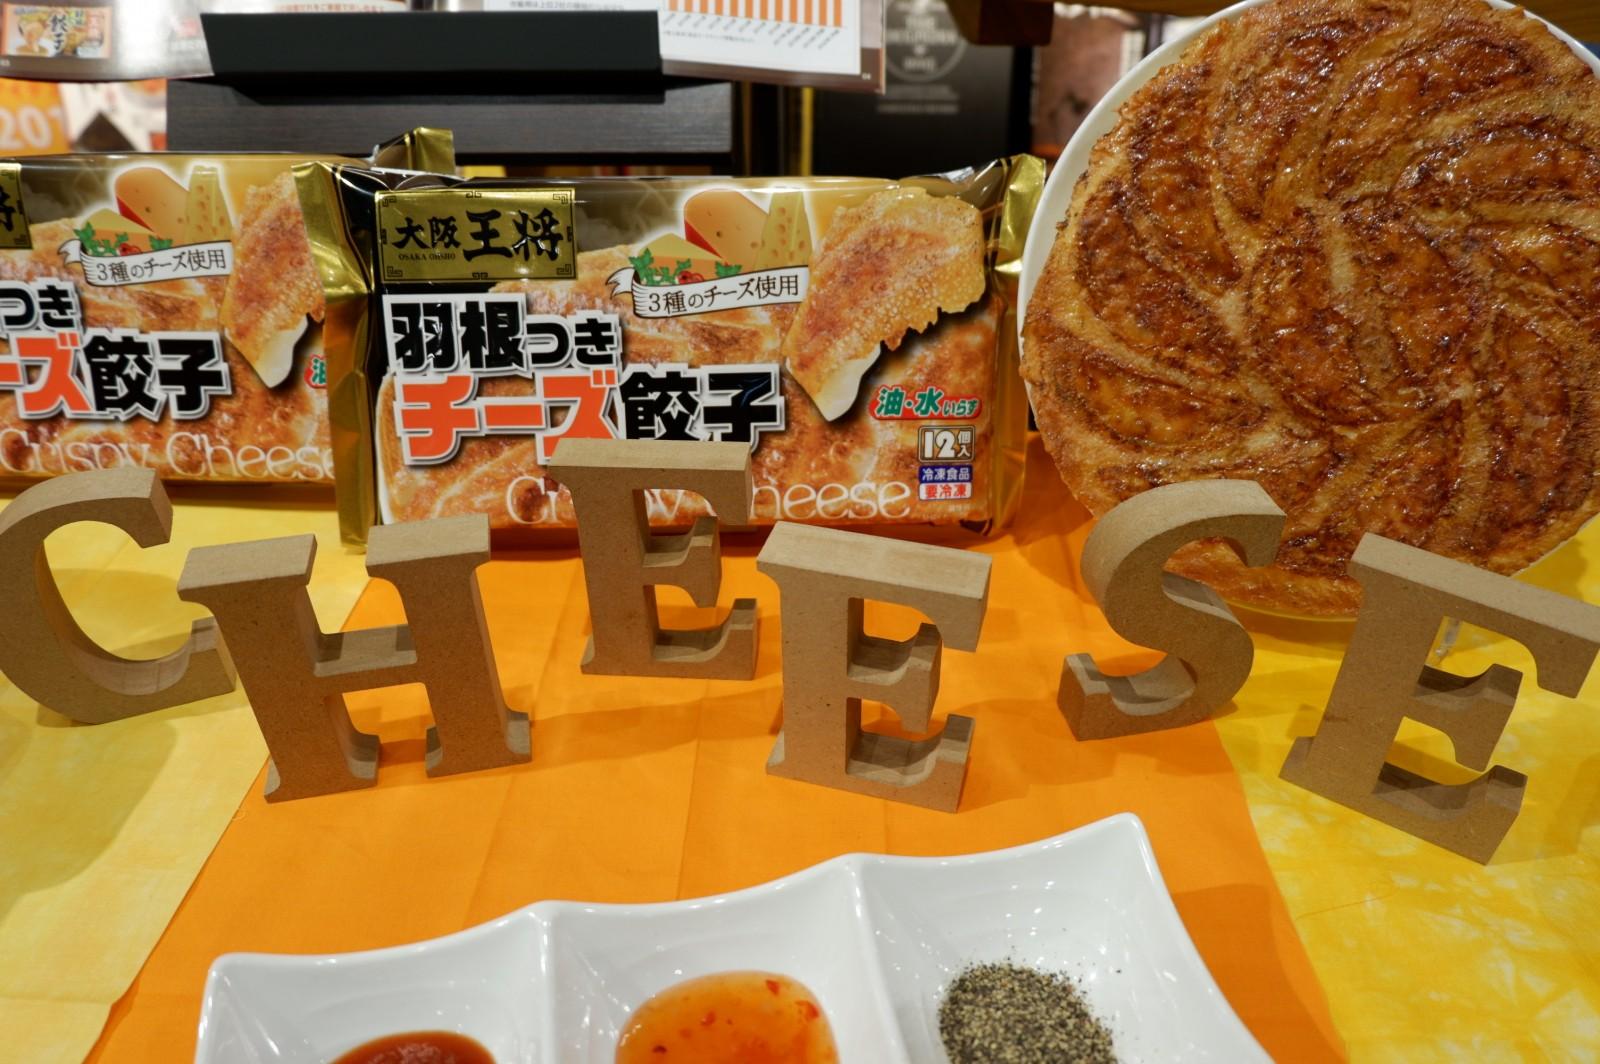 ワイン+大阪王将「羽根つきチーズ餃子」! 「ぷるもちえび水餃子」にトムヤムクンたれ